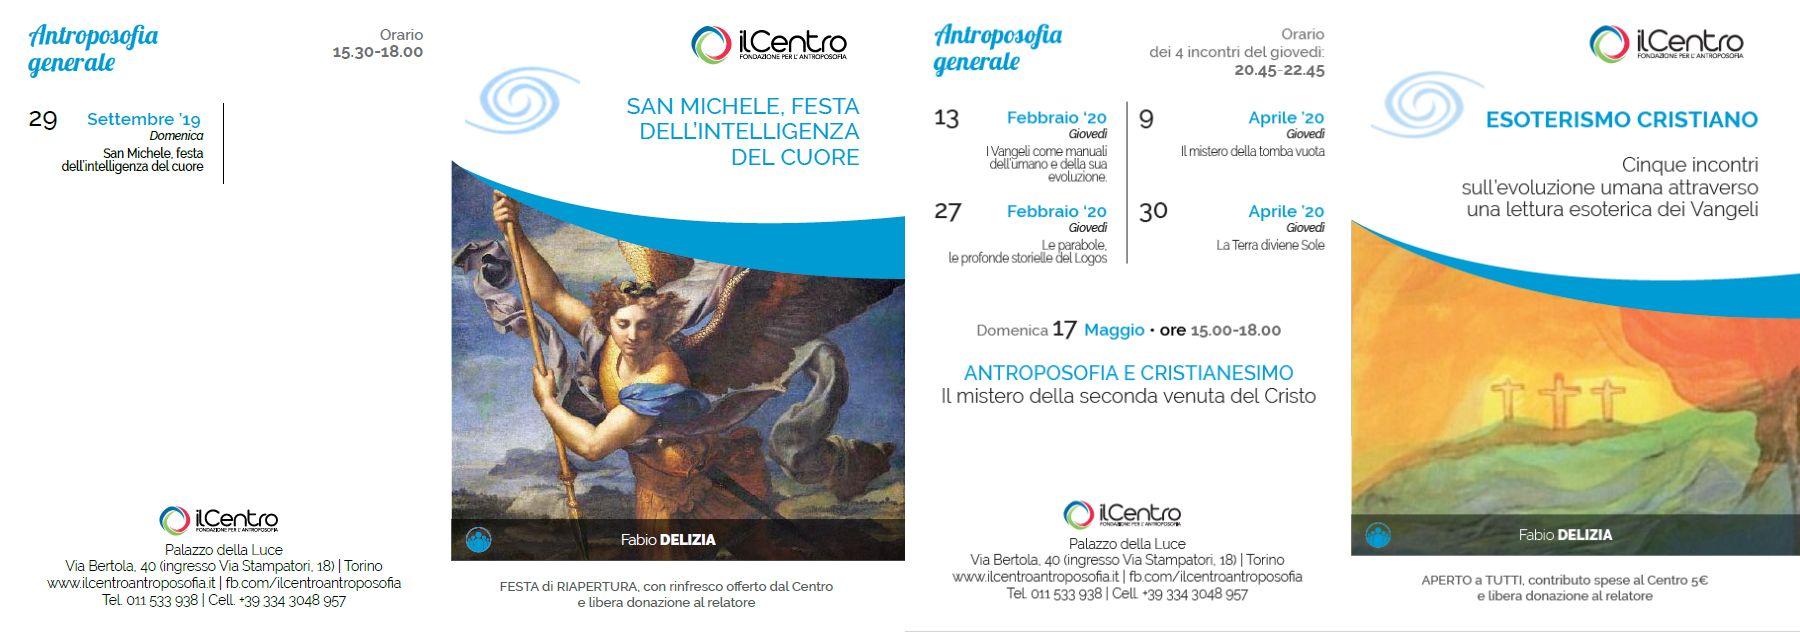 Calendario Fabio Delizia 2019-2020